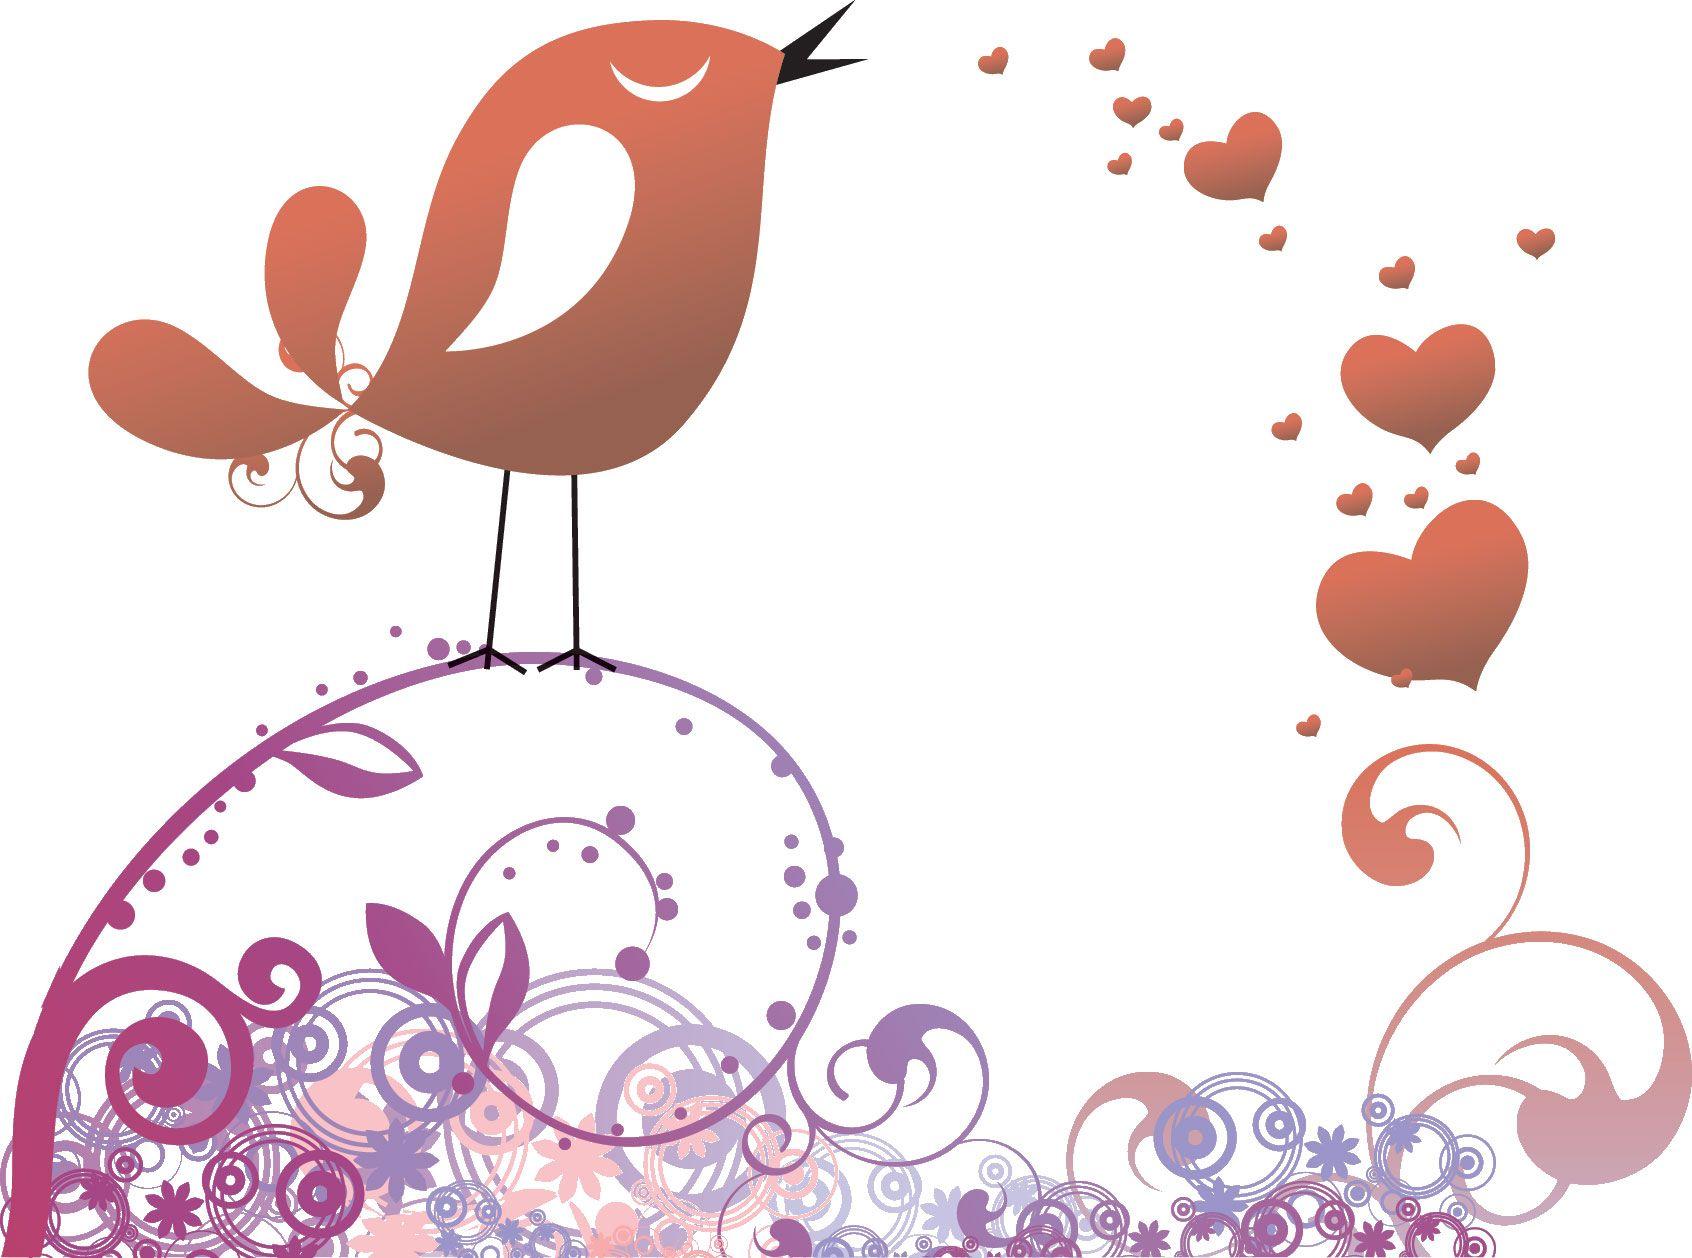 鳥 イラスト - google 検索 | 年賀状(資料) | pinterest | 鳥